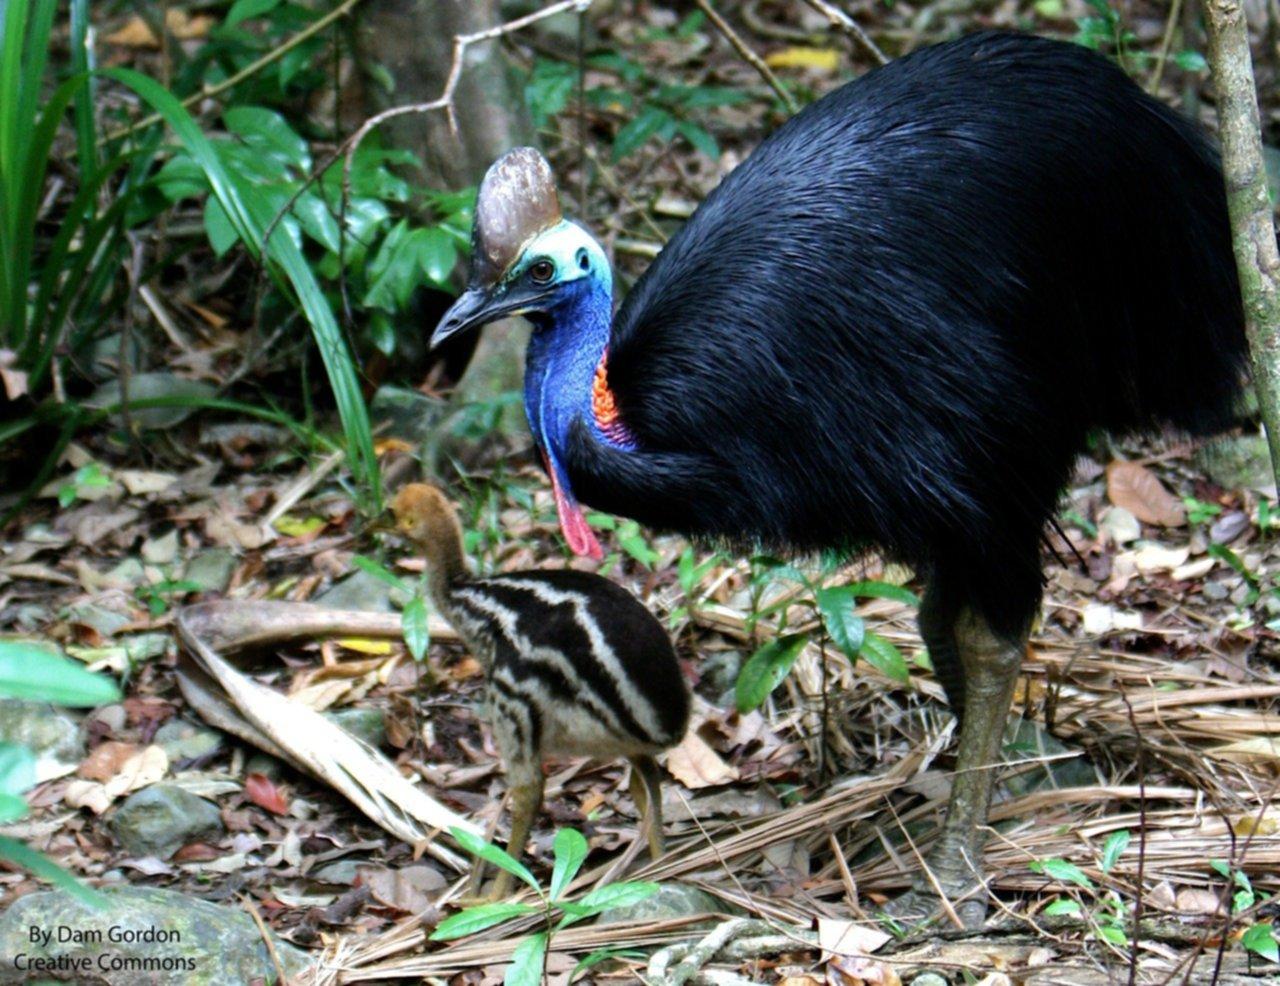 El ave más peligrosa del mundo mató a su dueño